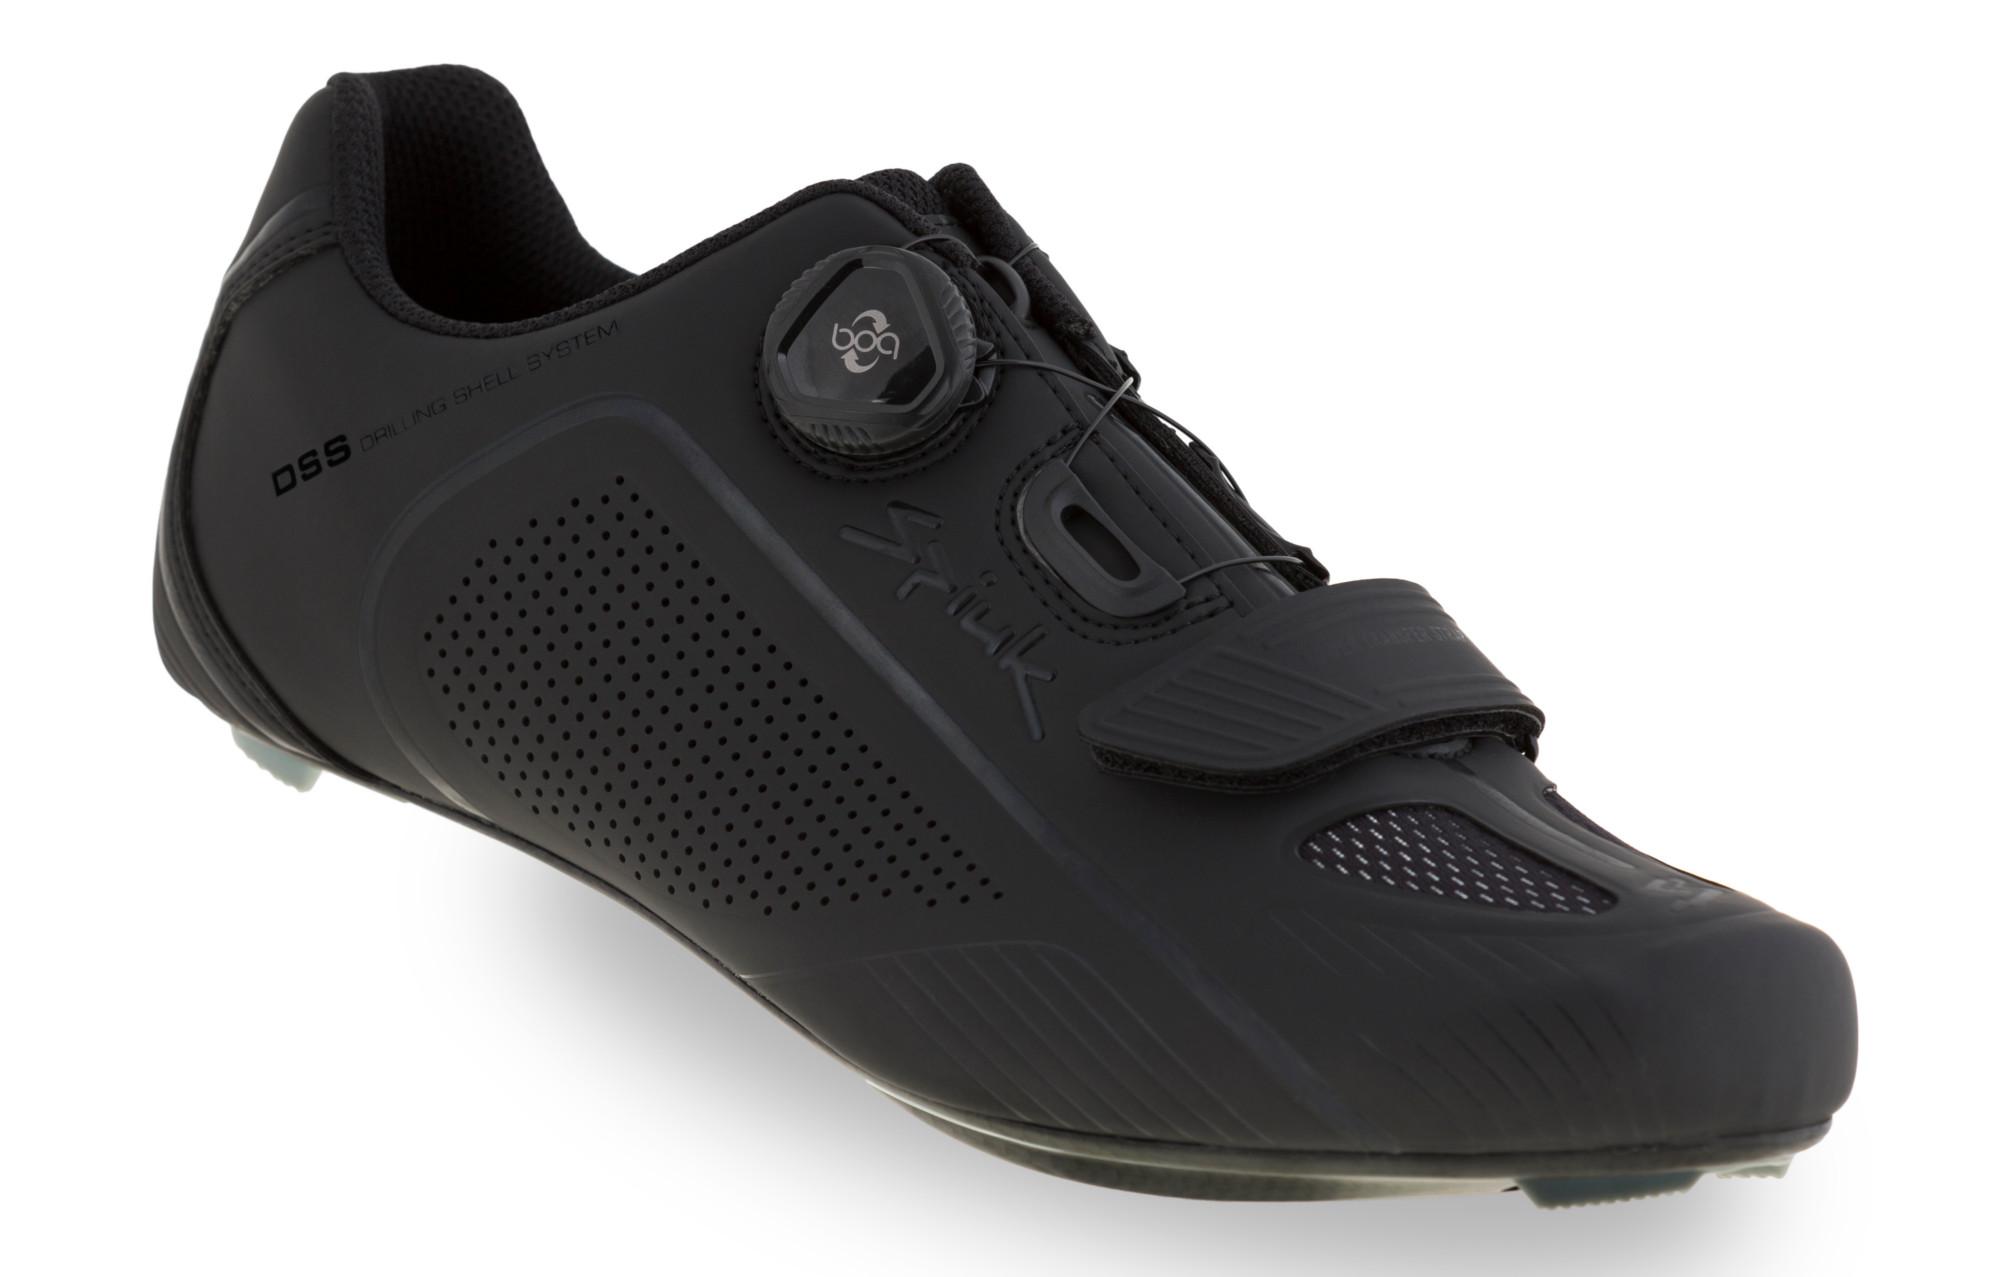 Pour Mtb Unisexe Chaussure Spiuk Altube qMVSzpU